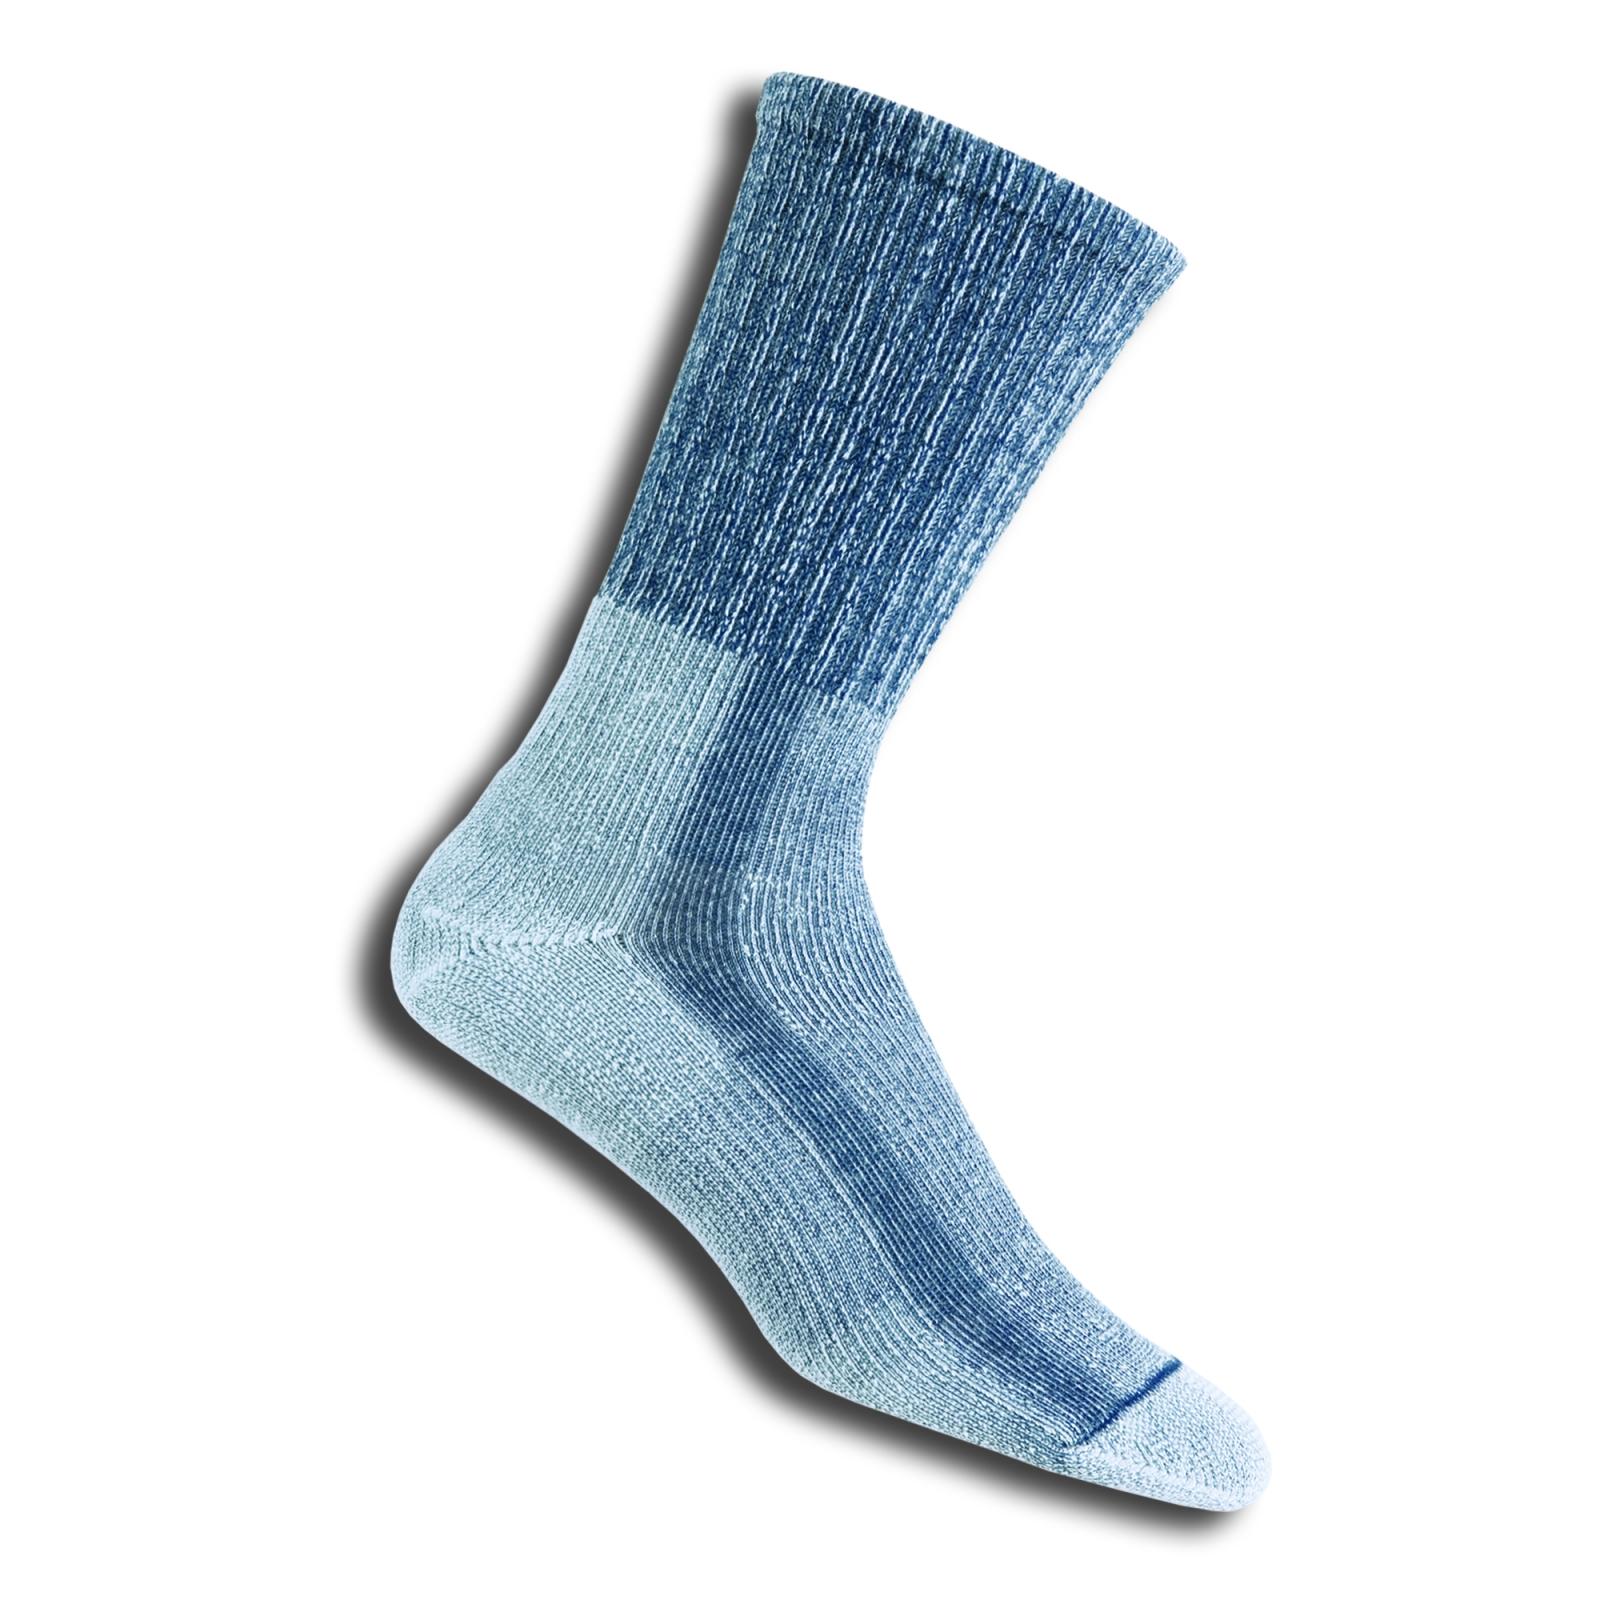 2. Thorlos Light Hiking Socks